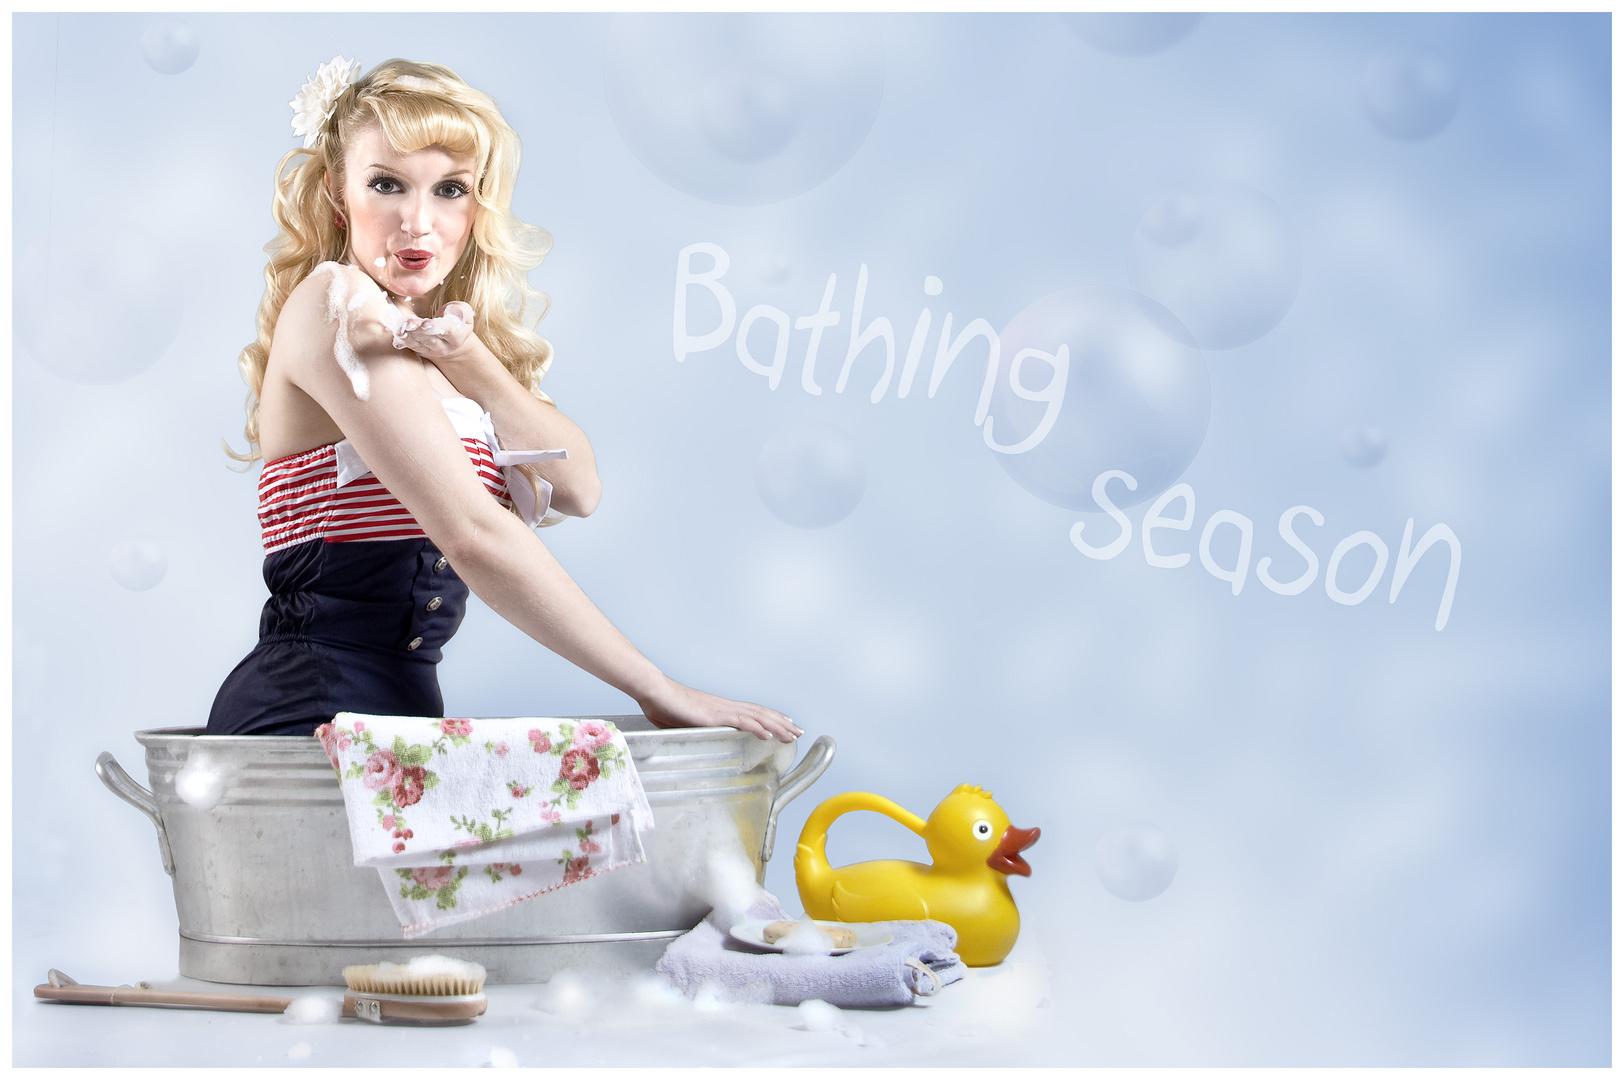 Bathing season